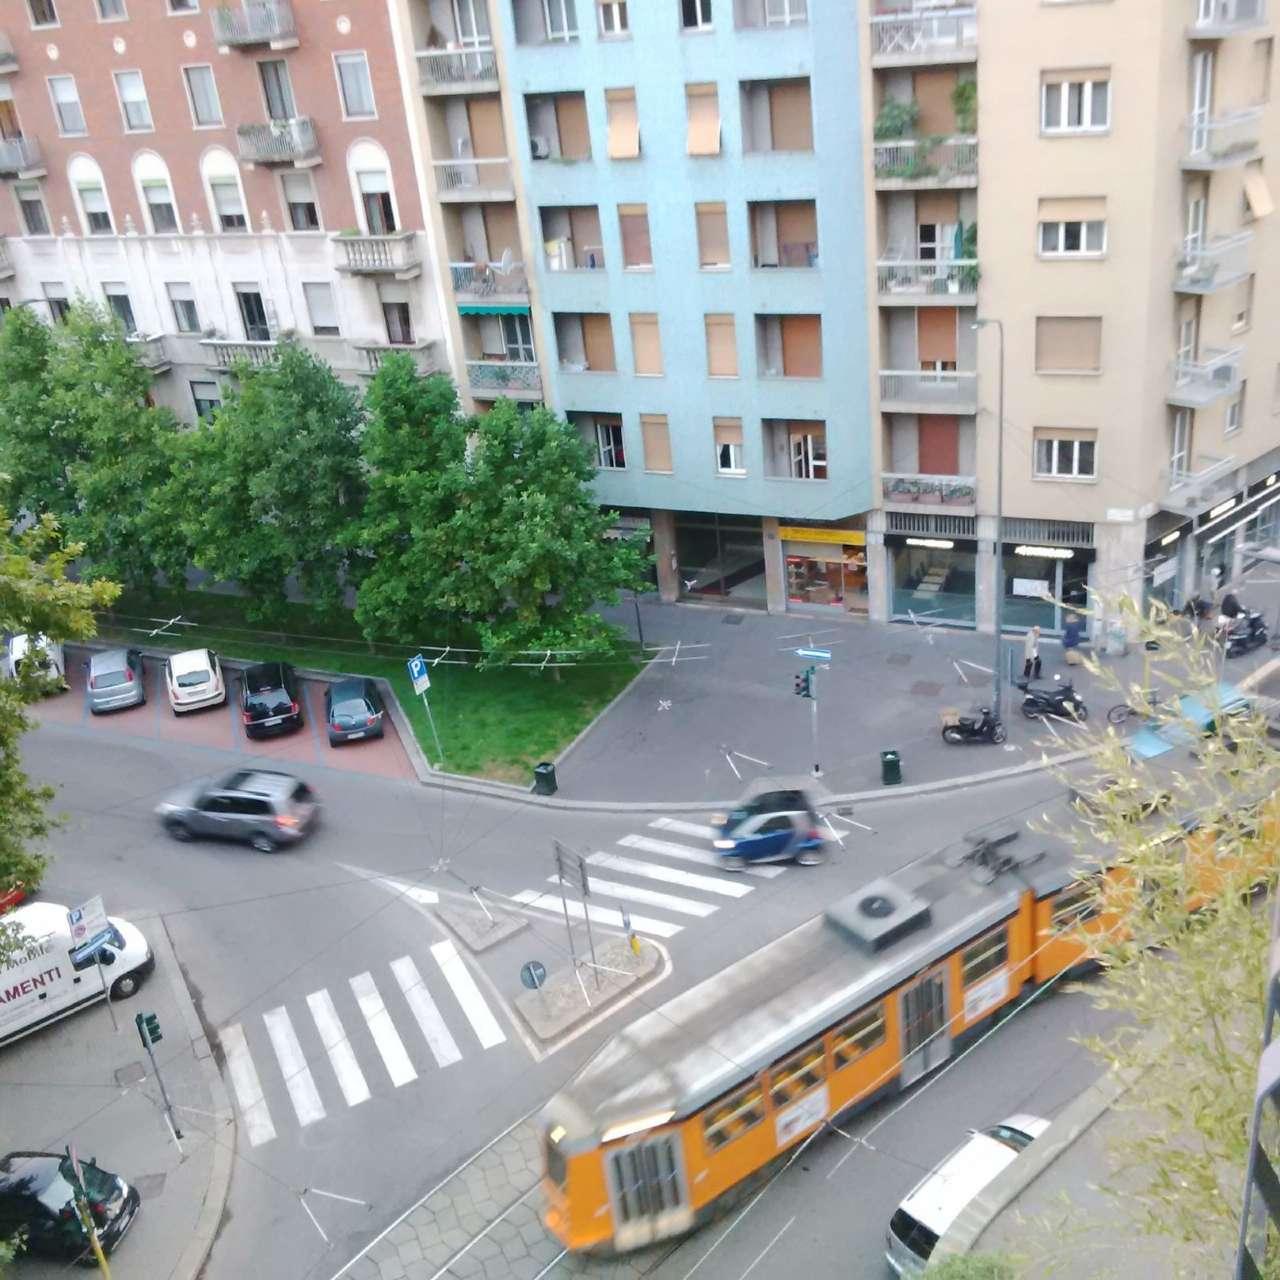 Milano Affitto APPARTAMENTO Immagine 1